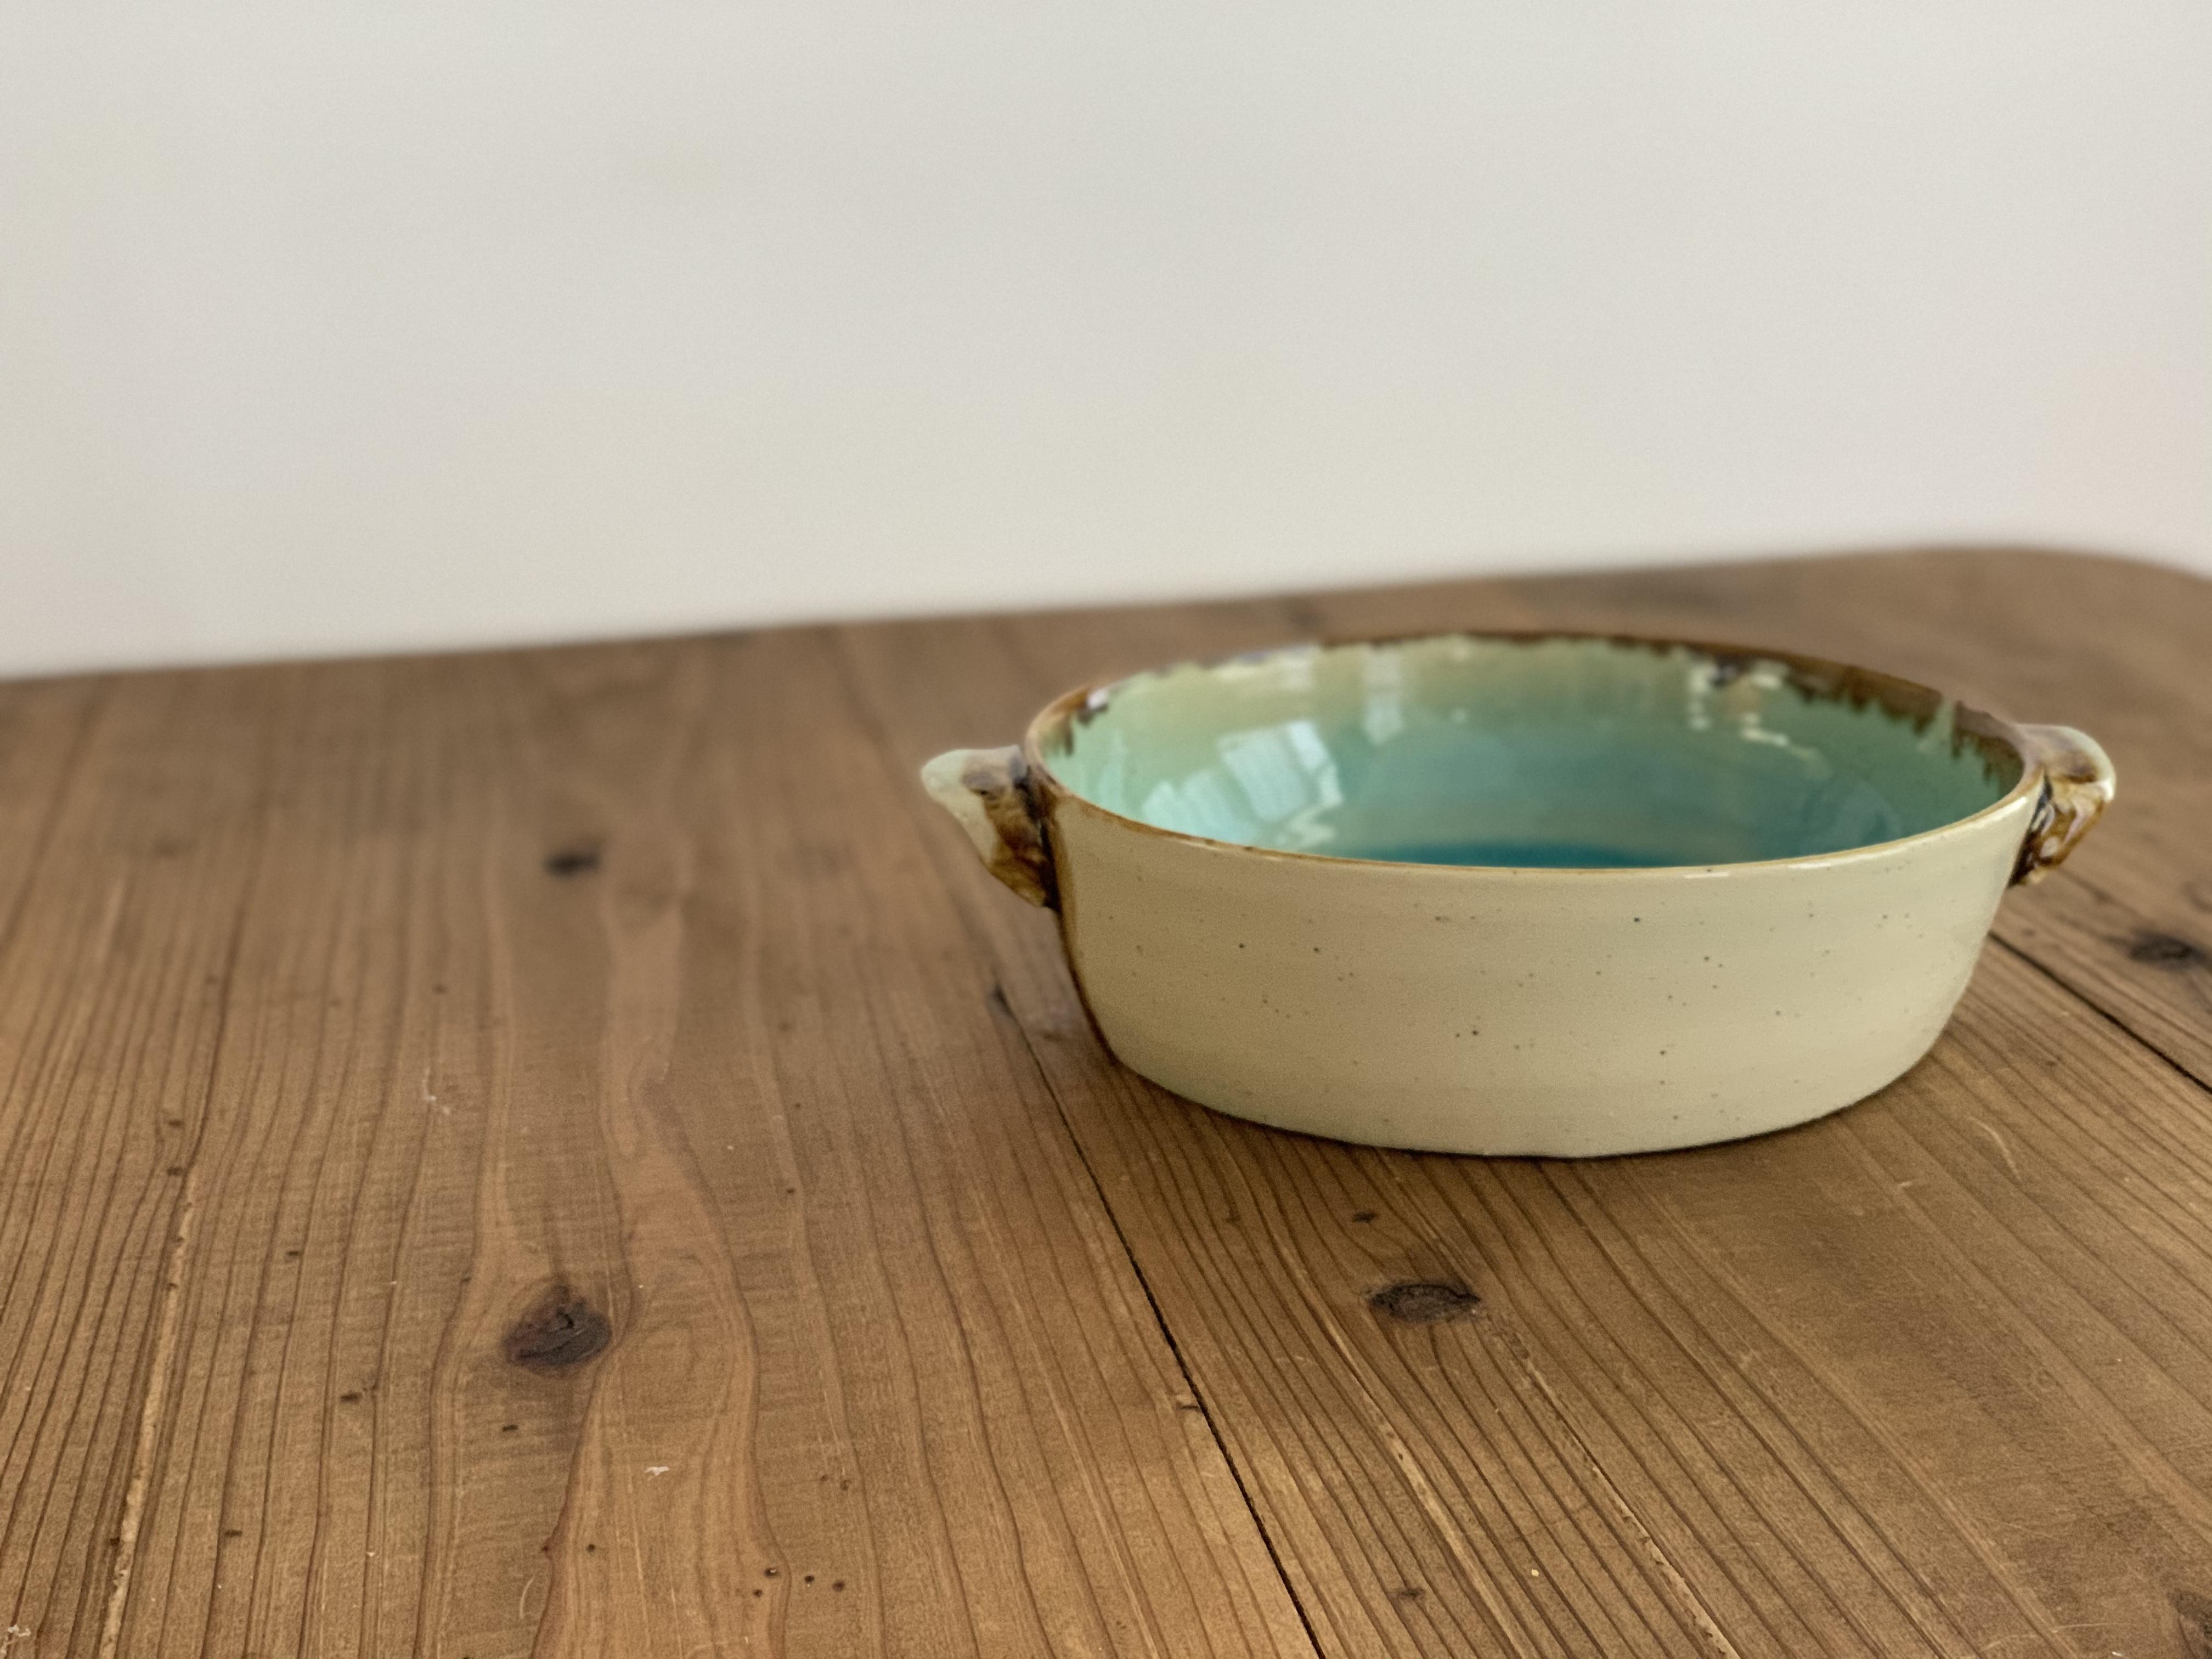 『Al mare アルマーレ』43 Pottery ココット風ボール18cm